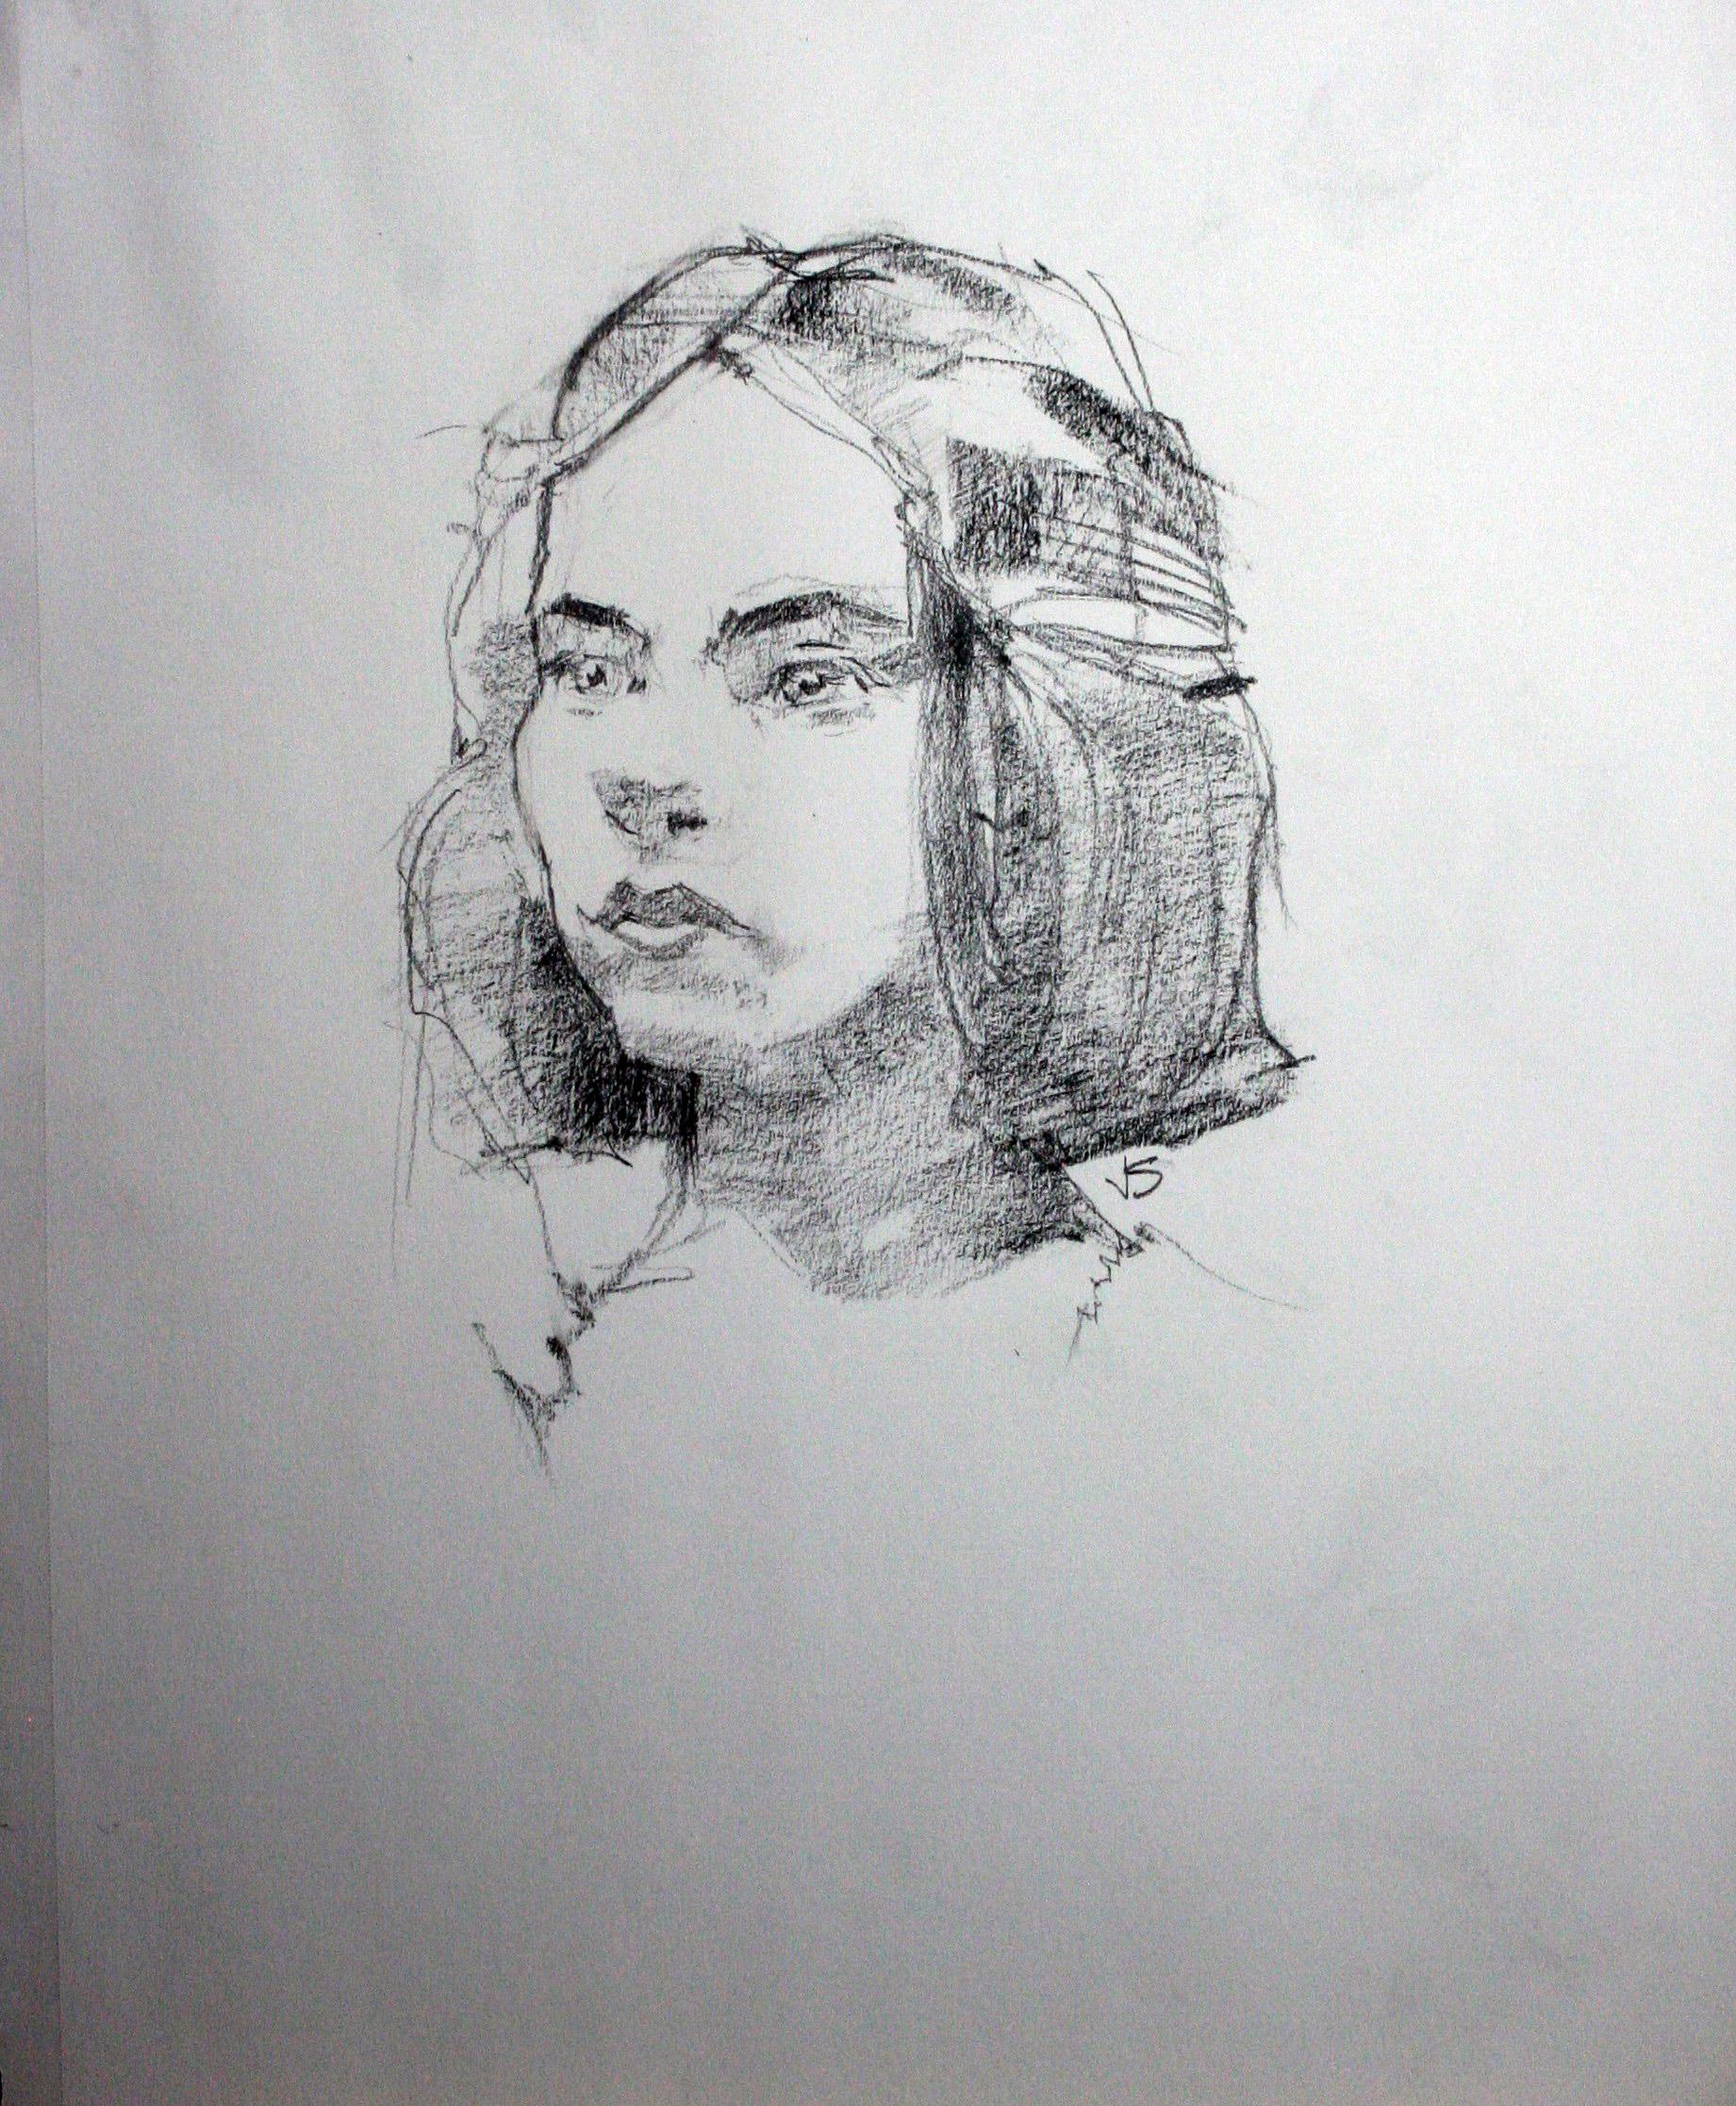 Jeff Suntala - Pencil